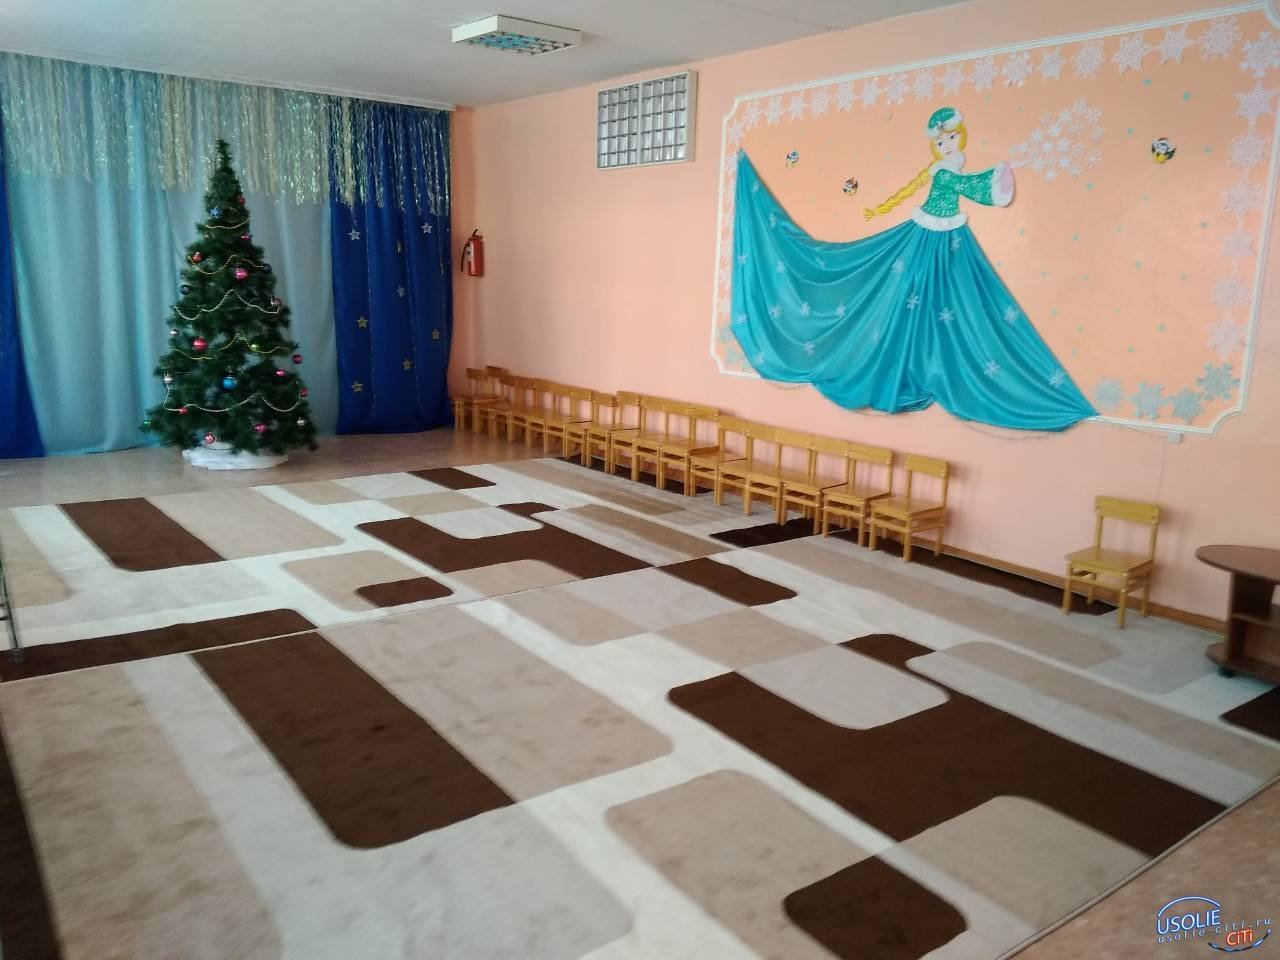 Спасибо за подарок! Музыкальный зал усольского детского сада преобразился